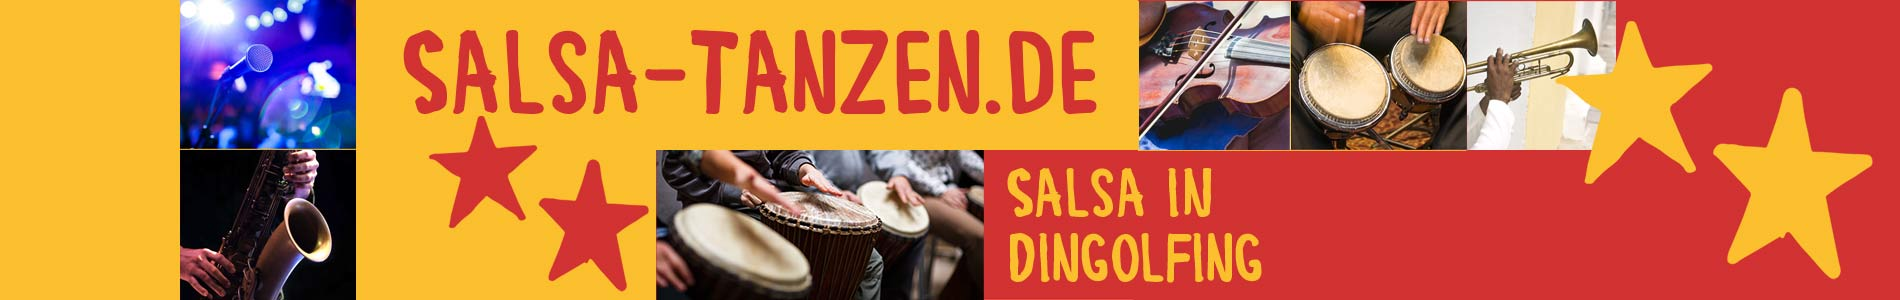 Salsa in Dingolfing – Salsa lernen und tanzen, Tanzkurse, Partys, Veranstaltungen